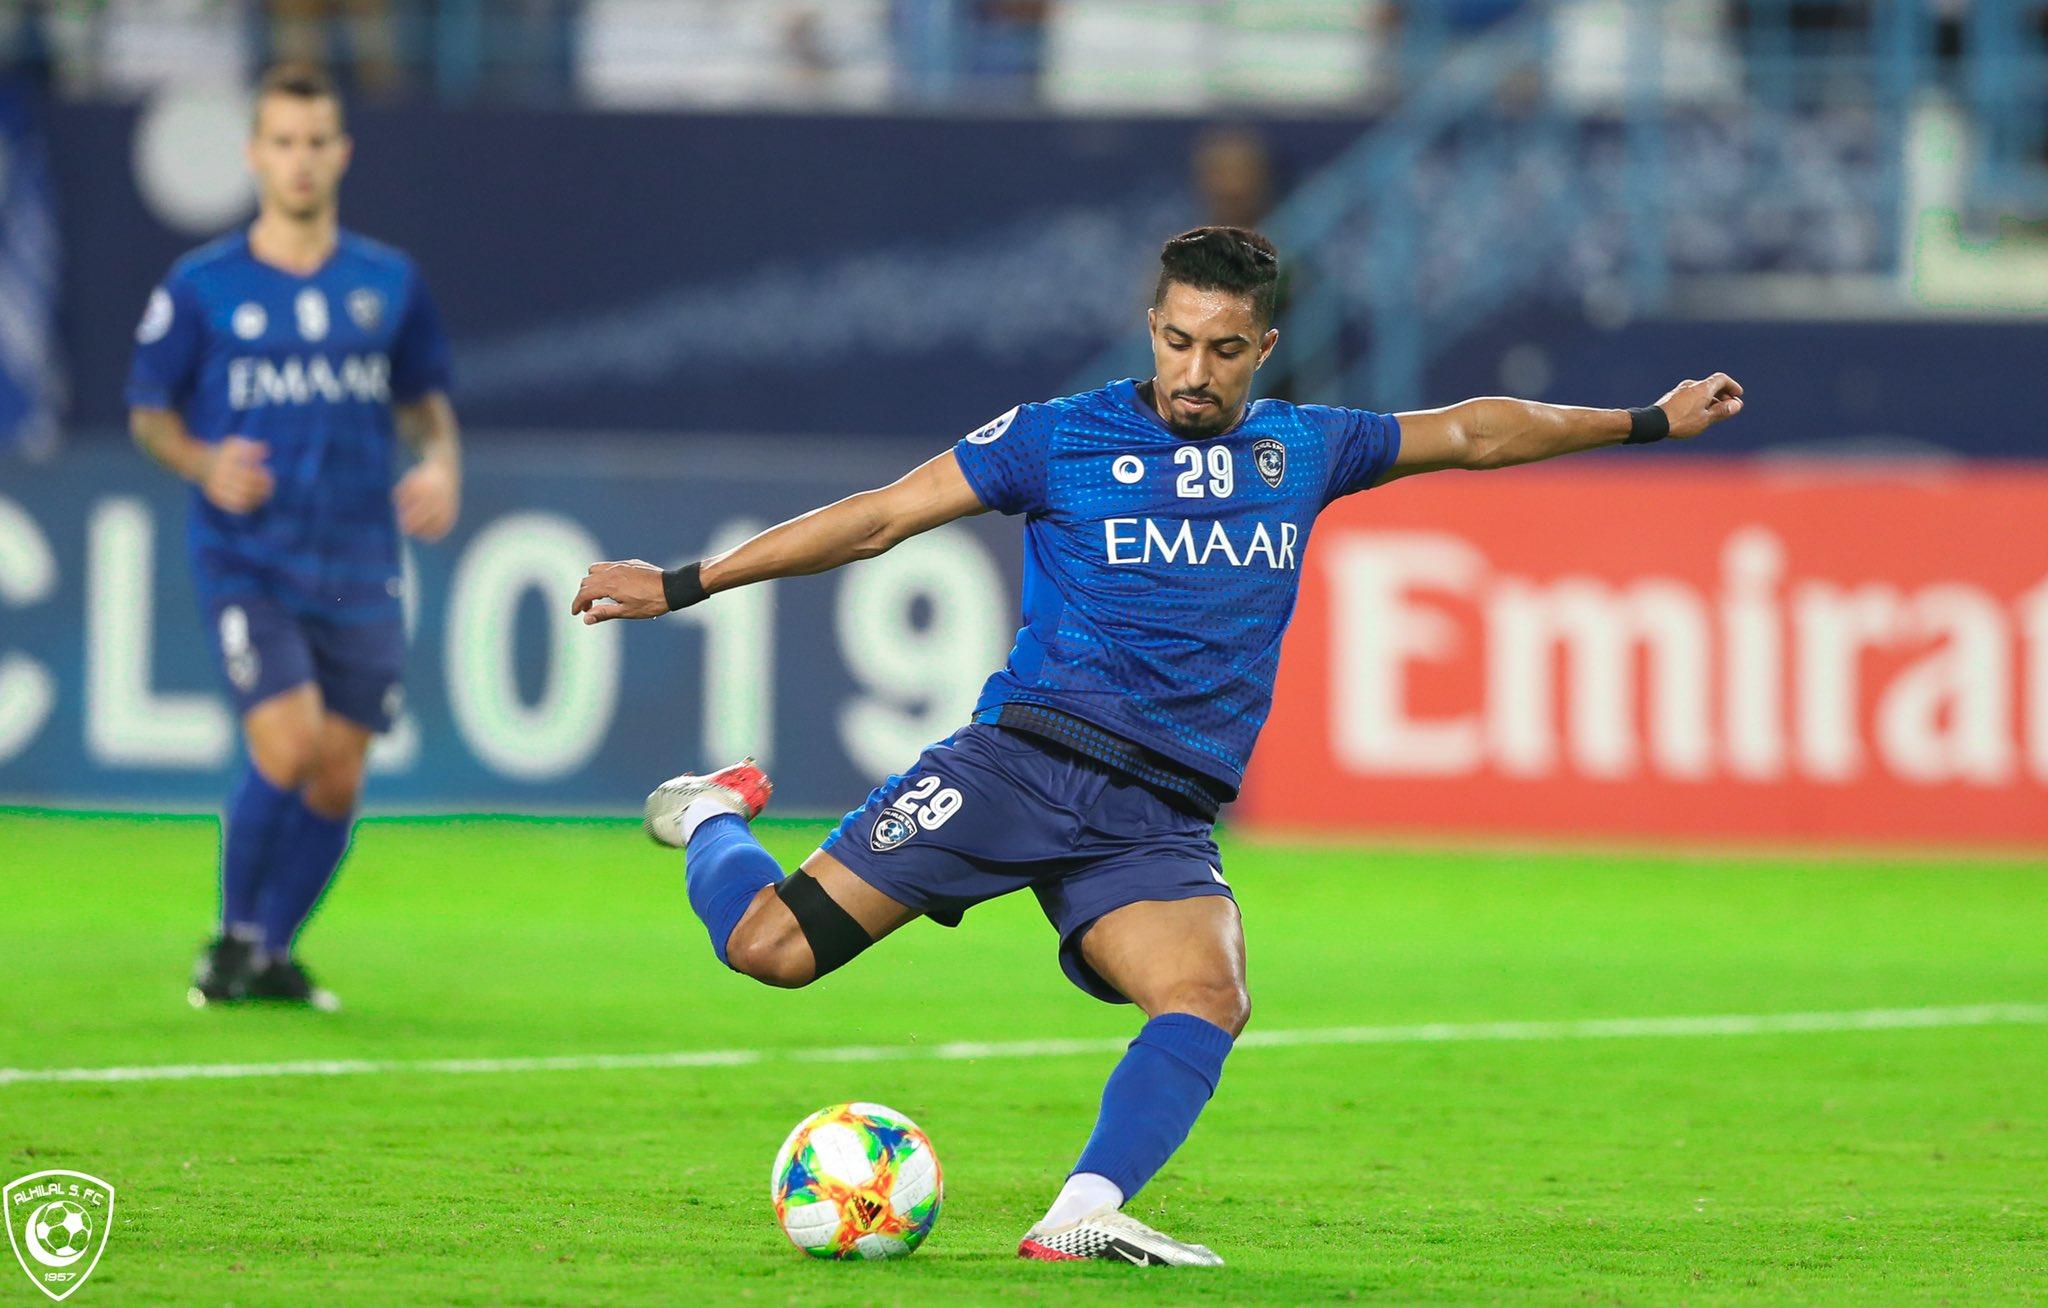 رغم الخسارة! الهلال يتأهل رسميًا إلى نهائي دوري أبطال آسيا على حساب السد القطري